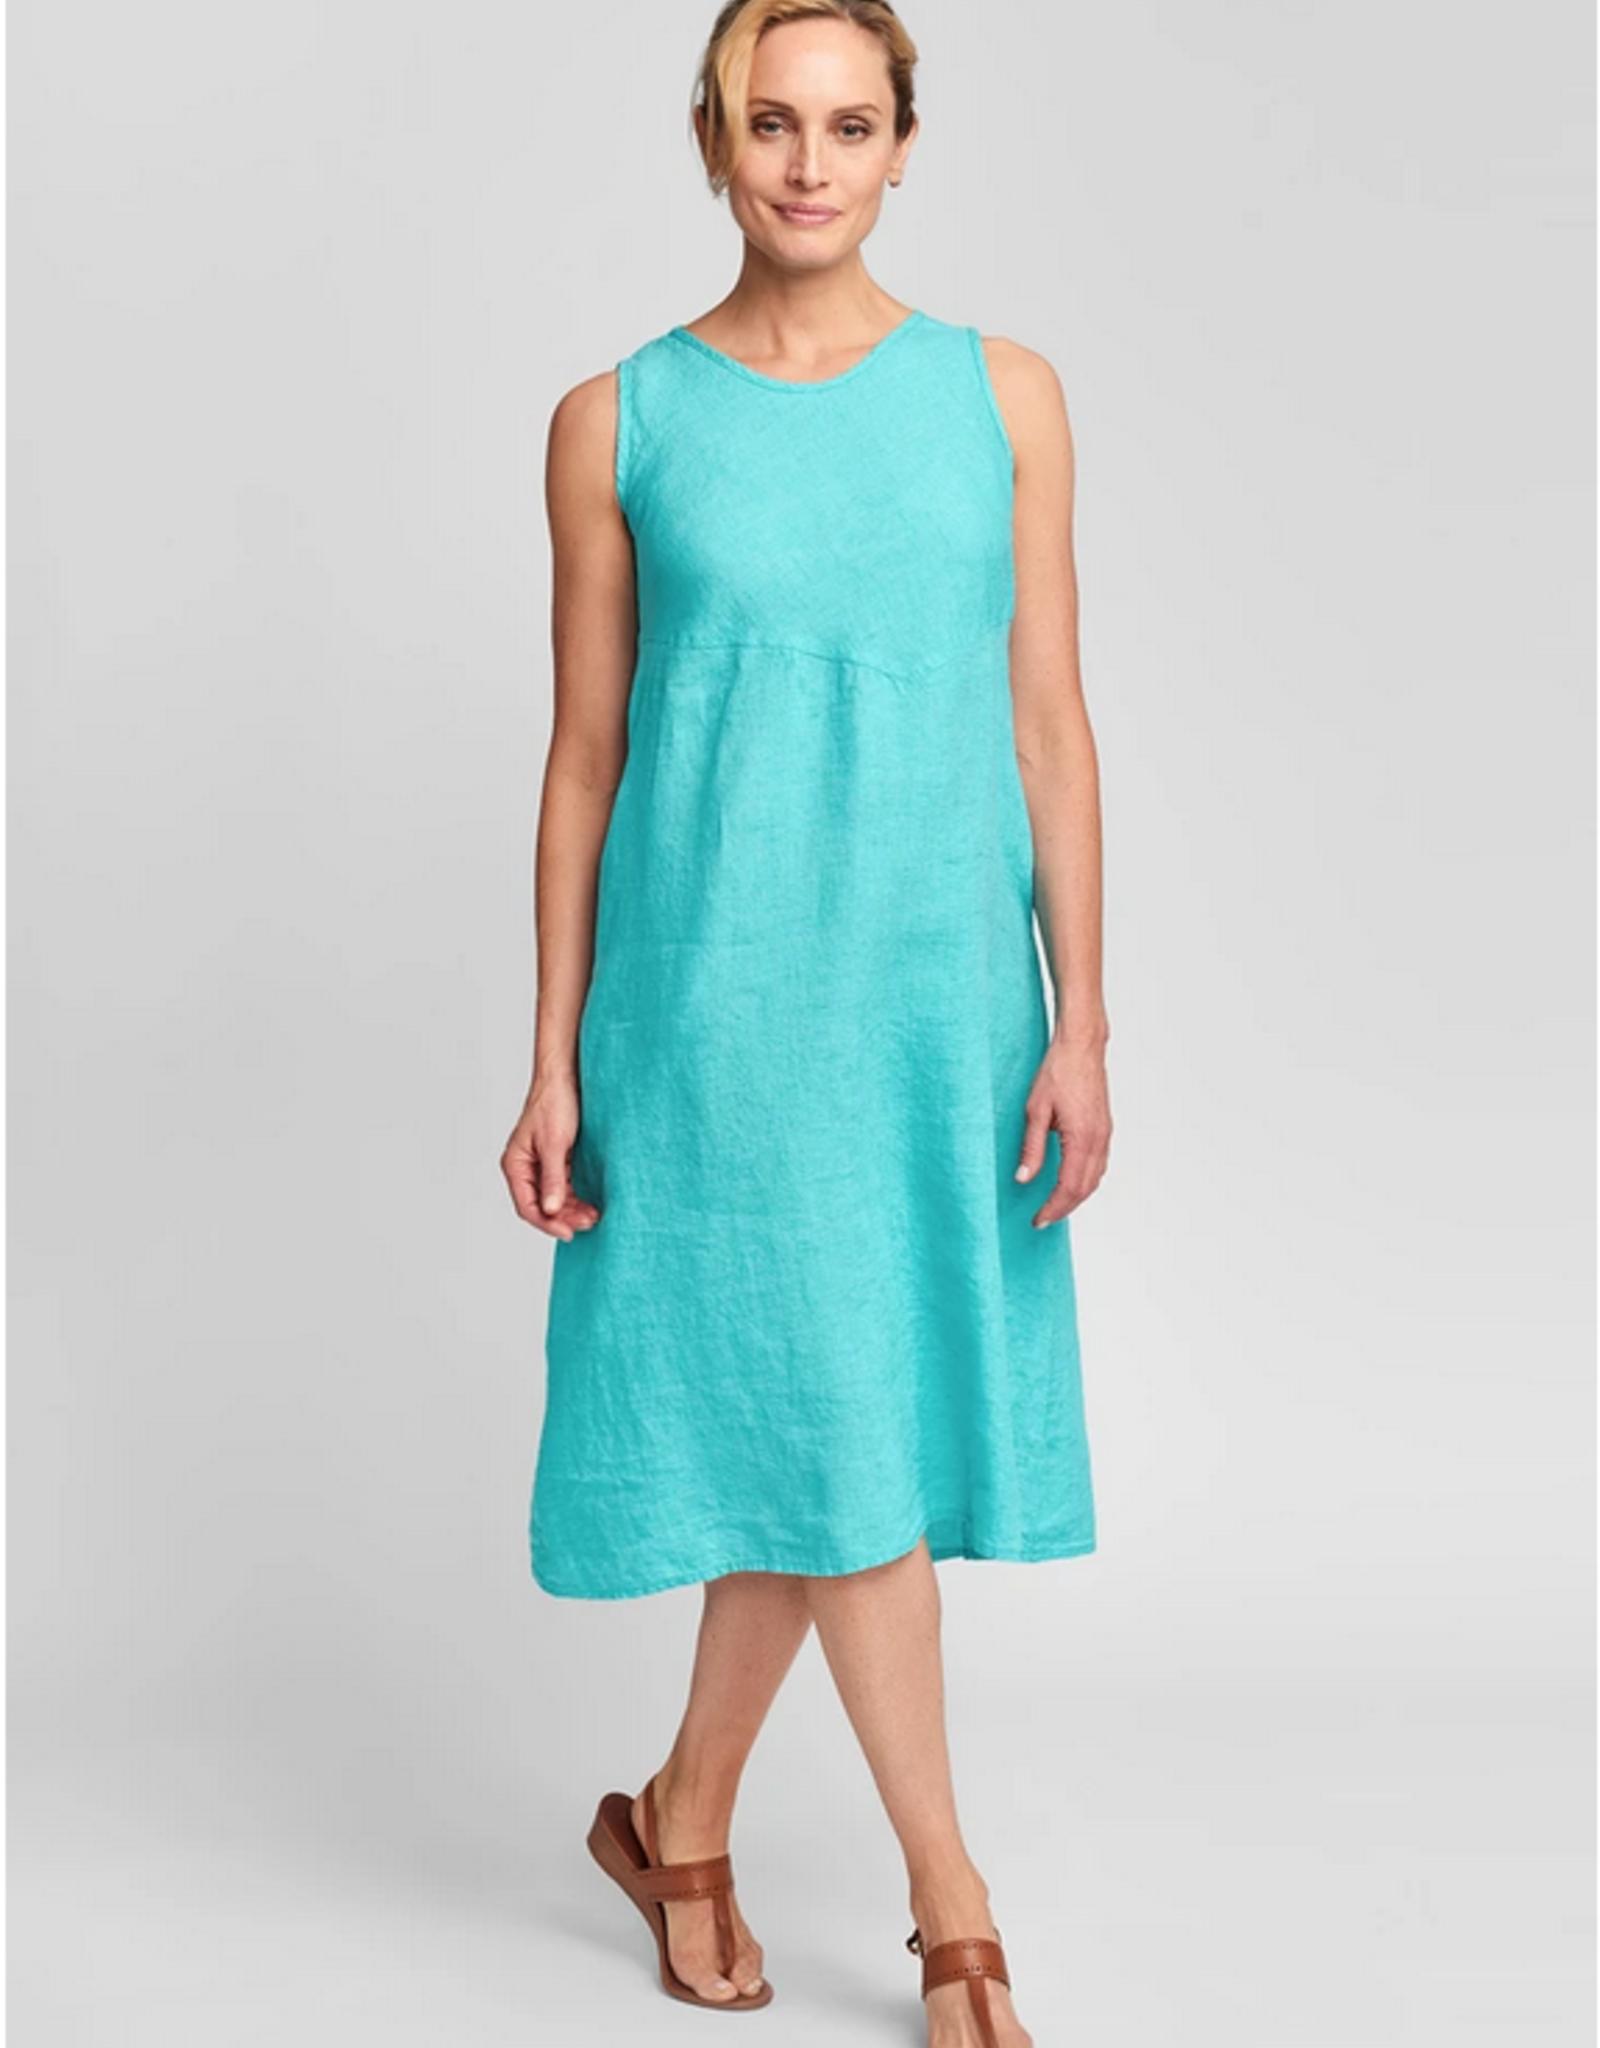 Flax Flax Linen Sunrise Dress 3 Colors